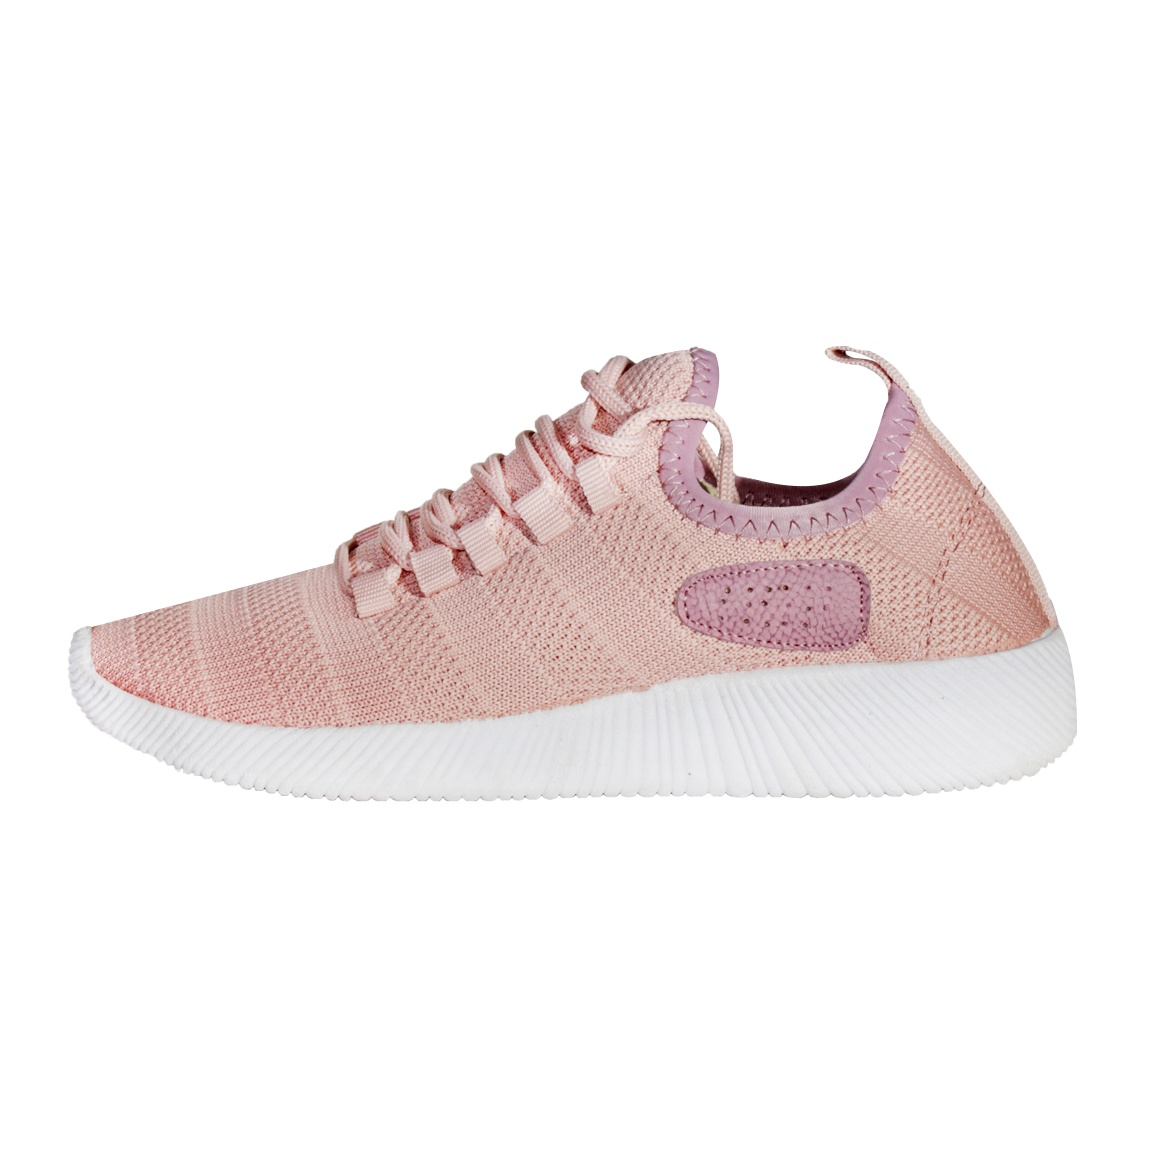 کفش مخصوص پیاده روی زنانه مدل Aria